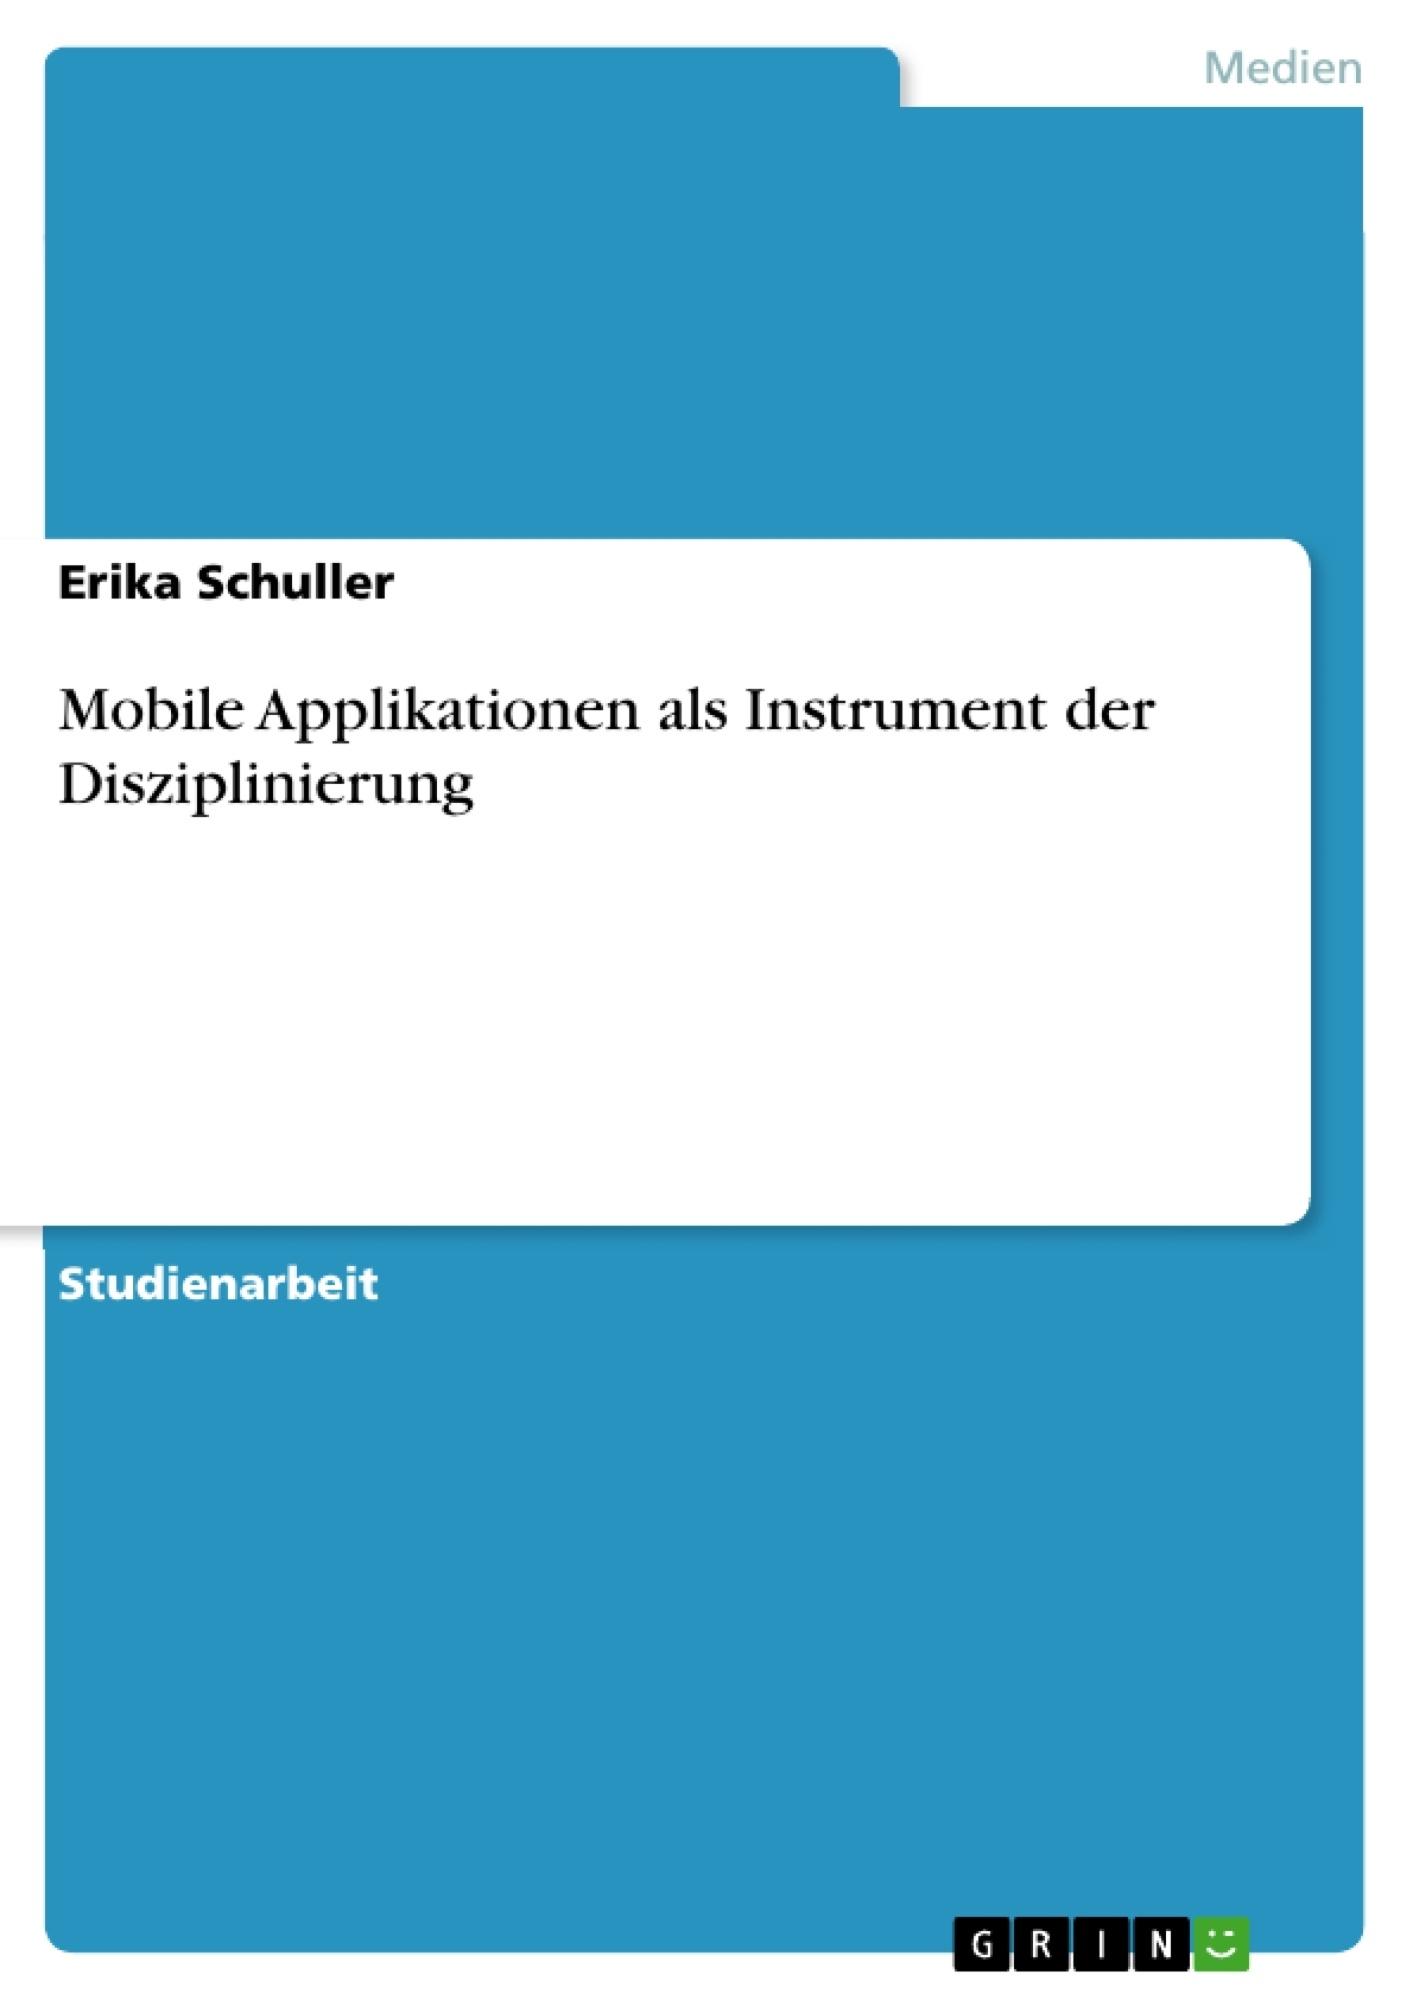 Titel: Mobile Applikationen als Instrument der Disziplinierung